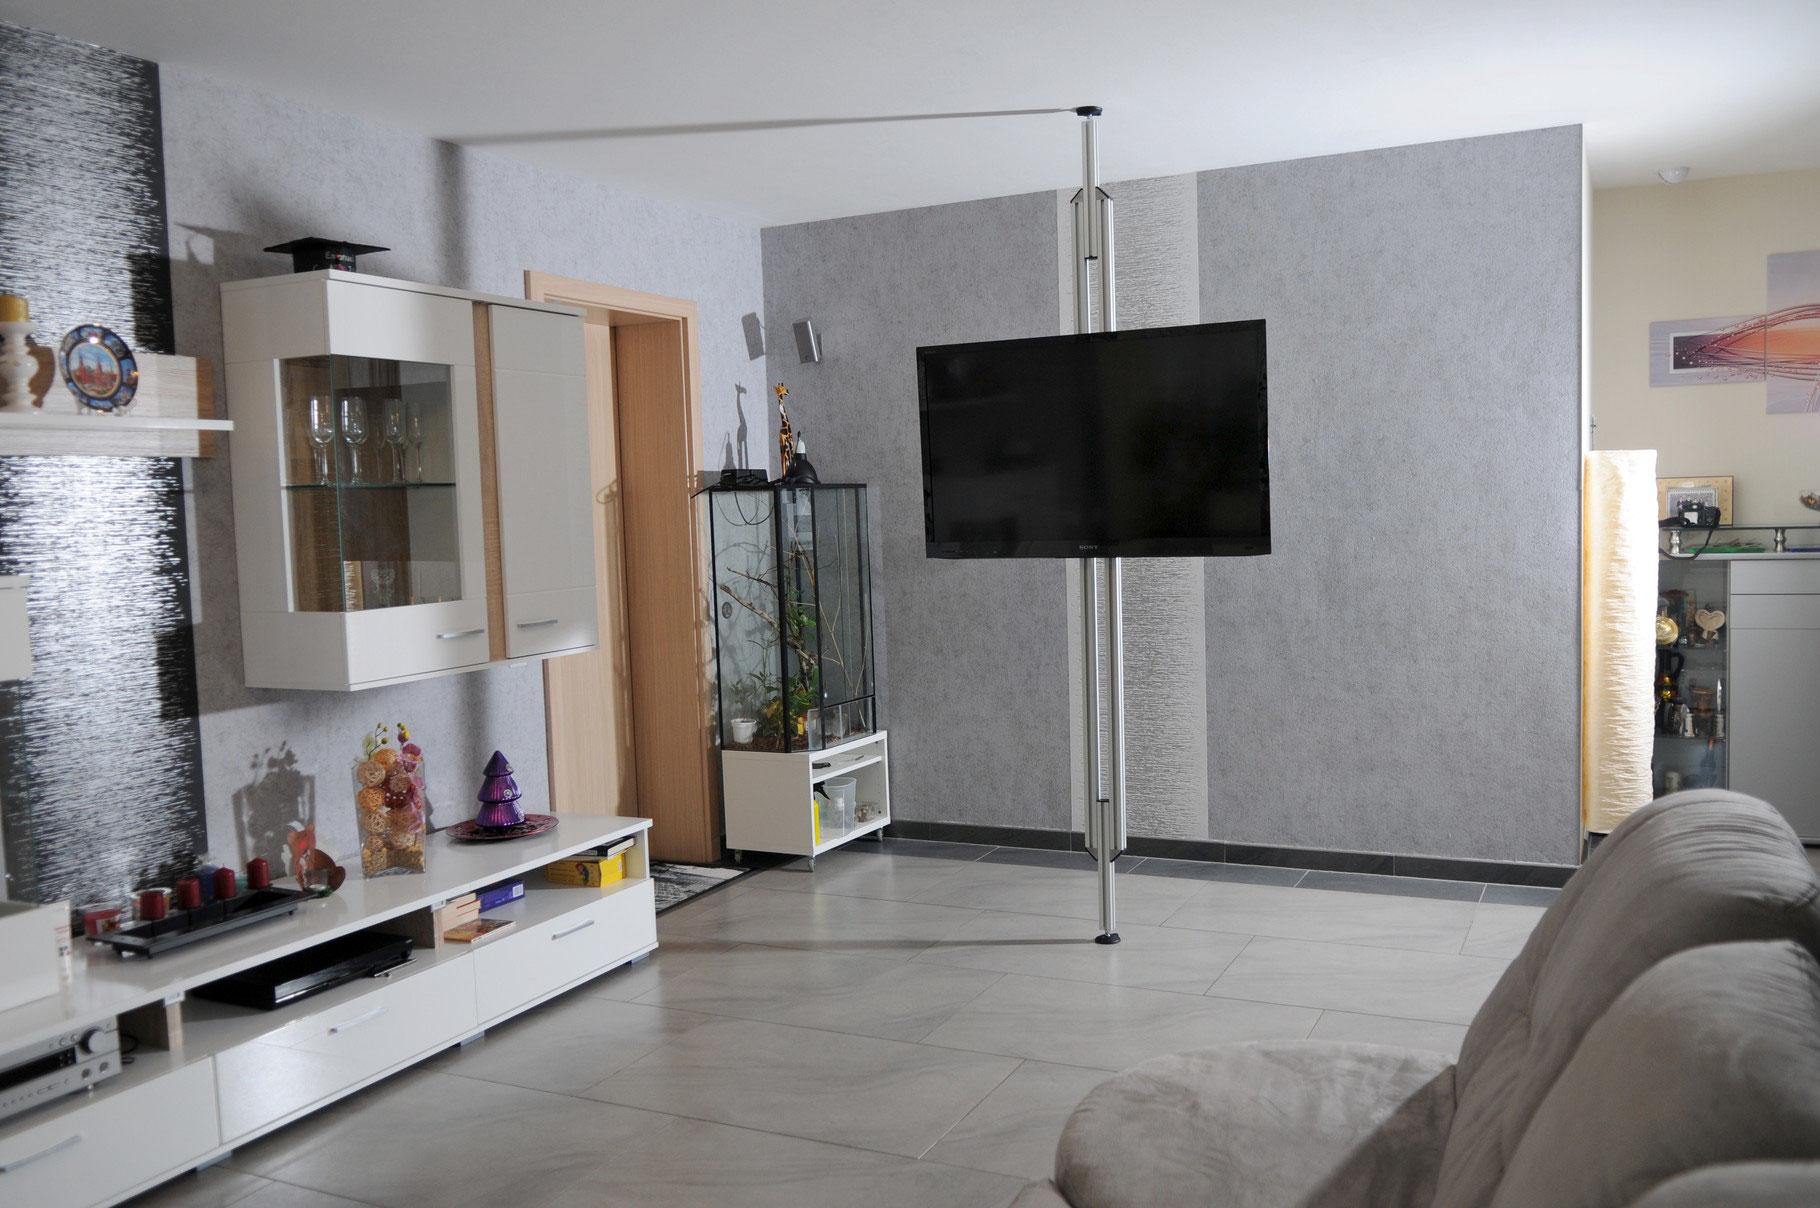 tv stangen uniprof flexi twinni solo bilder von unseren kunden uni prof 24. Black Bedroom Furniture Sets. Home Design Ideas